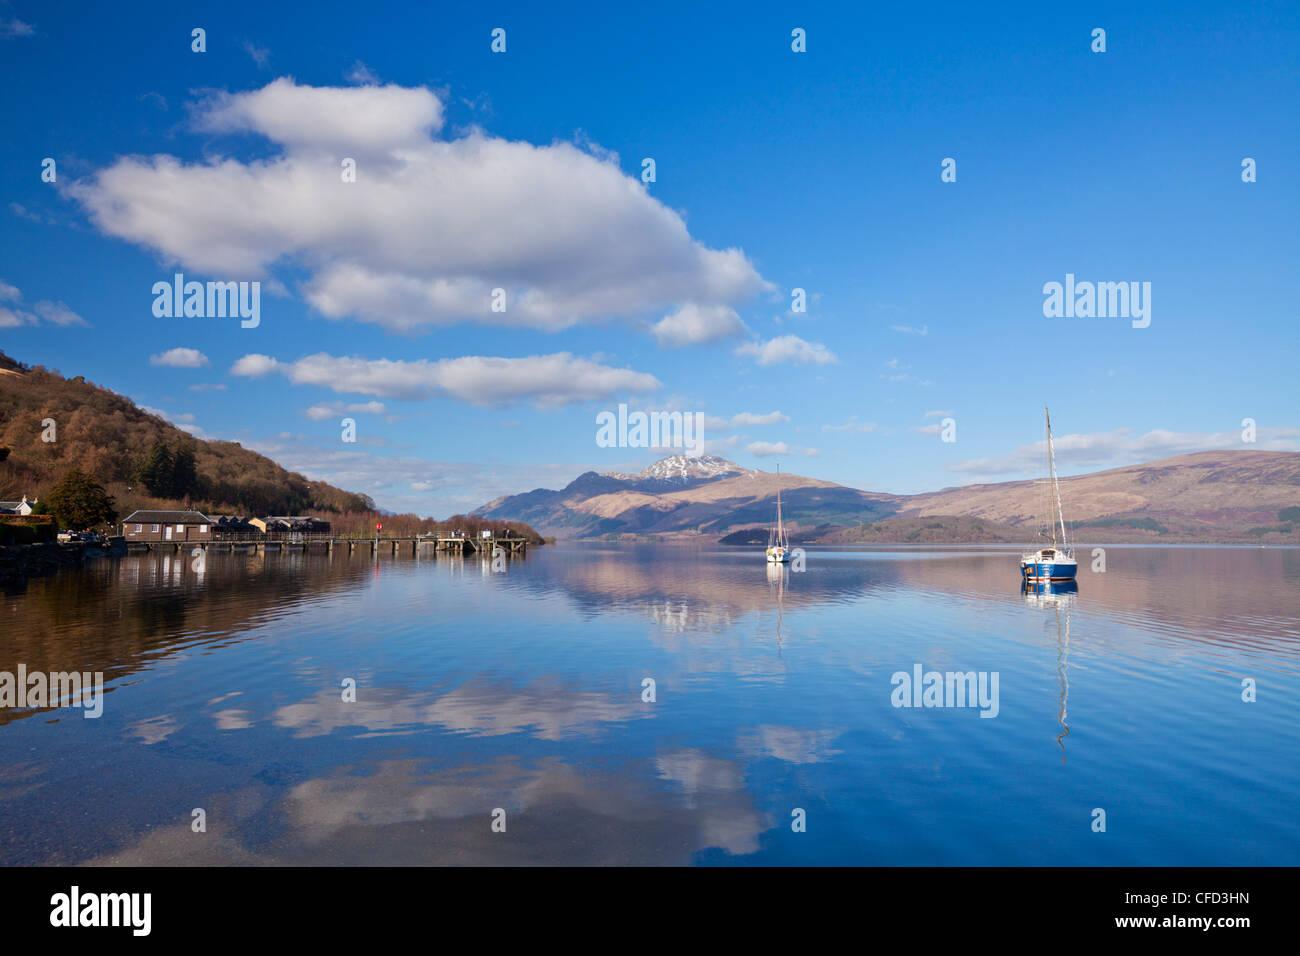 Loch Lomond tranquille pittoresque avec des bateaux à voile, Jetée de Luss, Luss, Argyll and Bute, Ecosse, Photo Stock